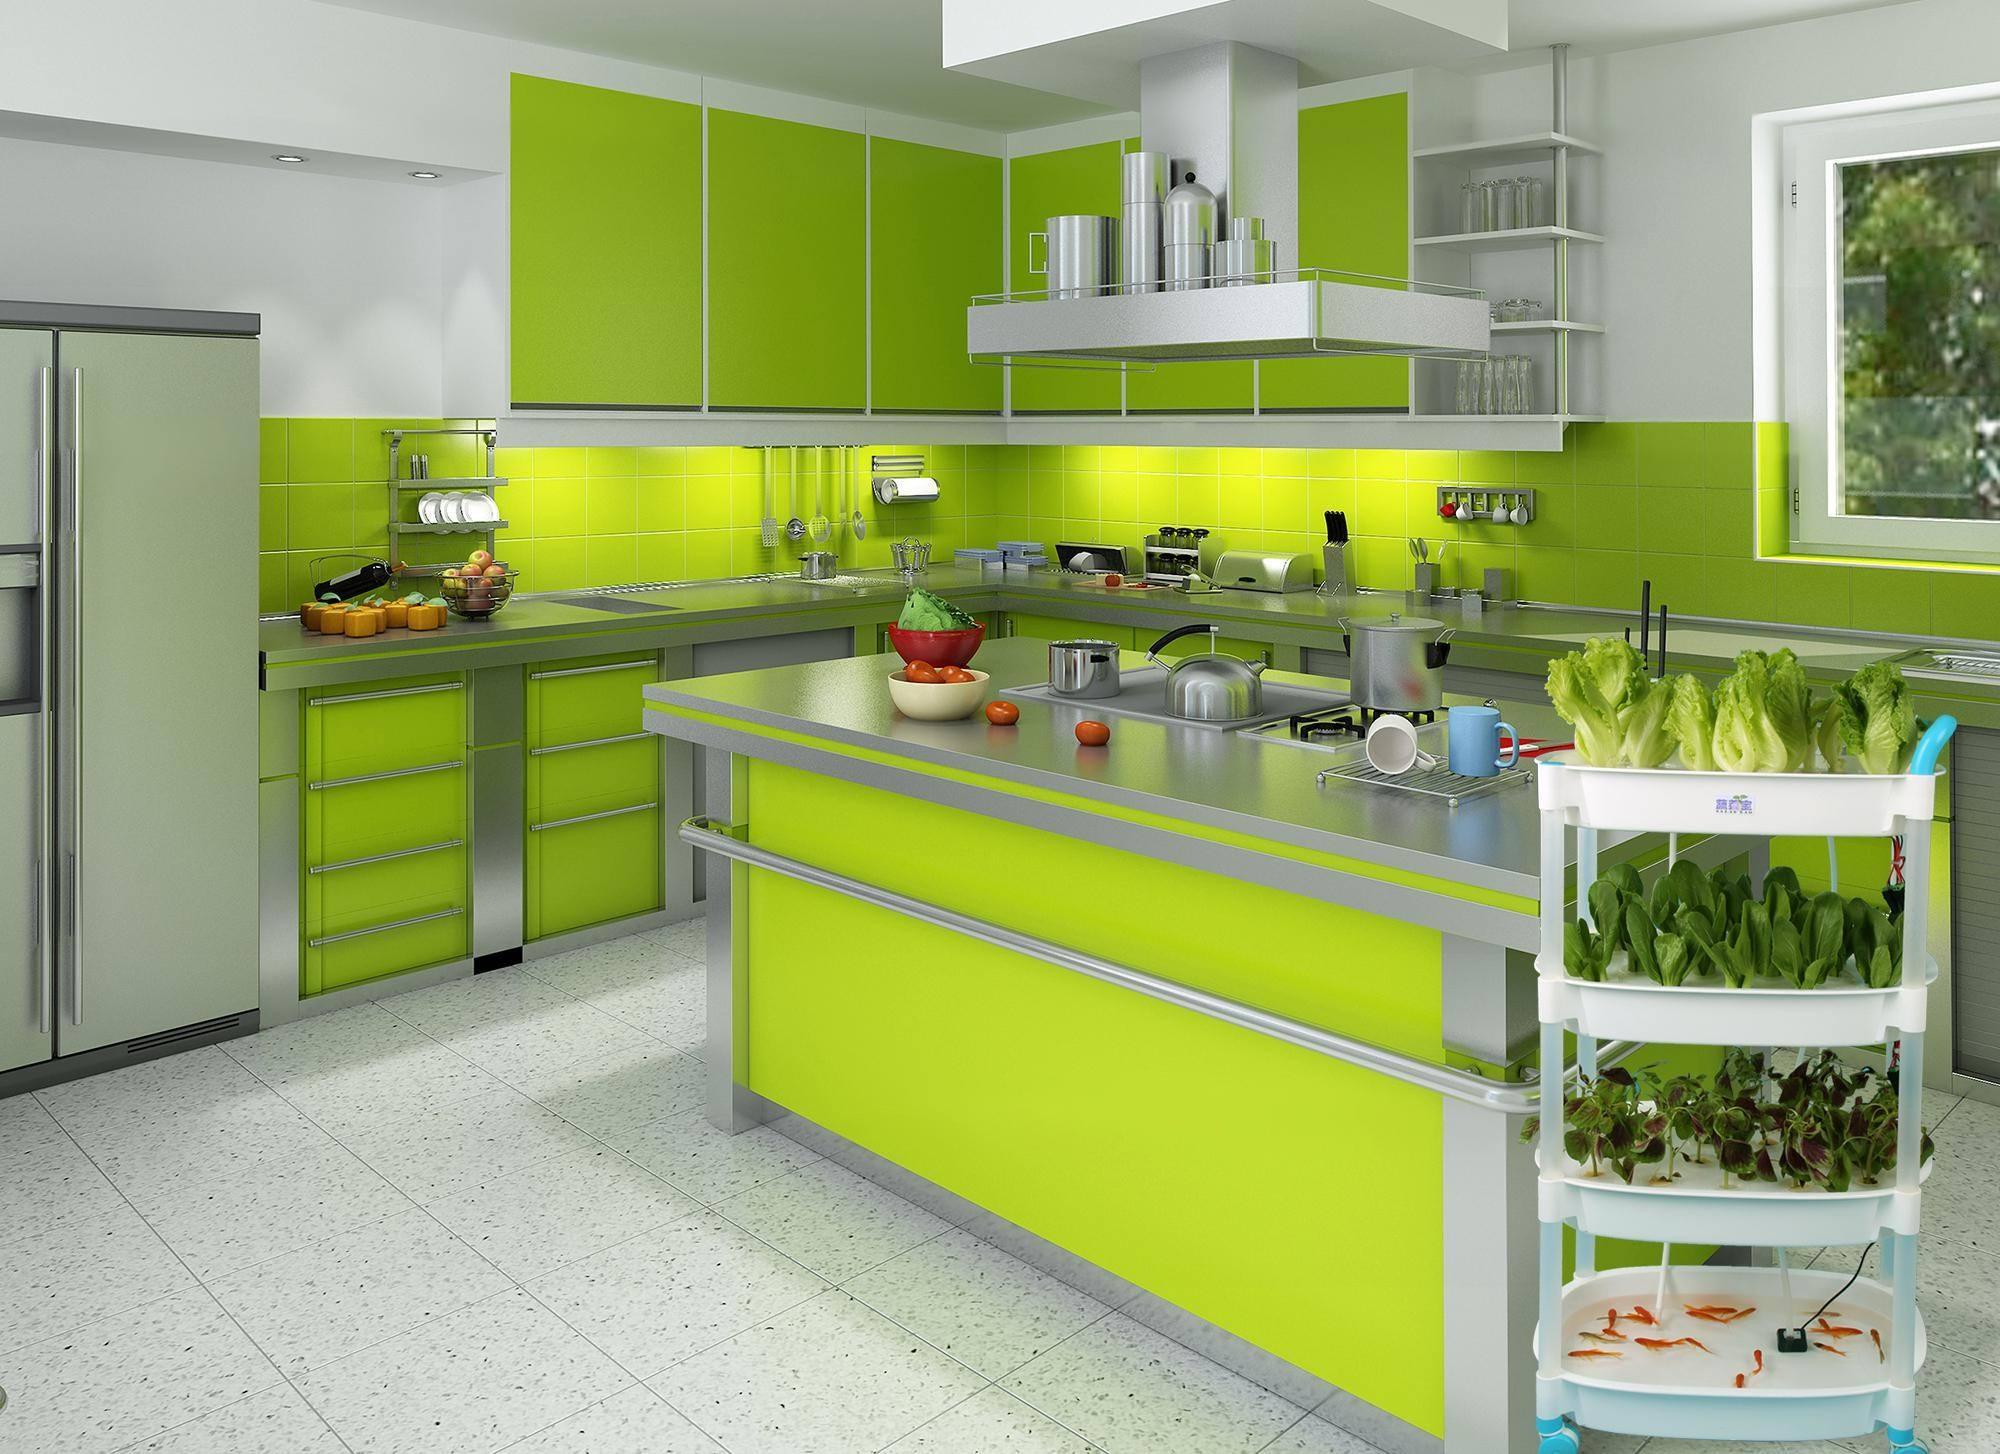 厨房装修千篇一律?试试这些颜色的墙砖,美观又与众不同!